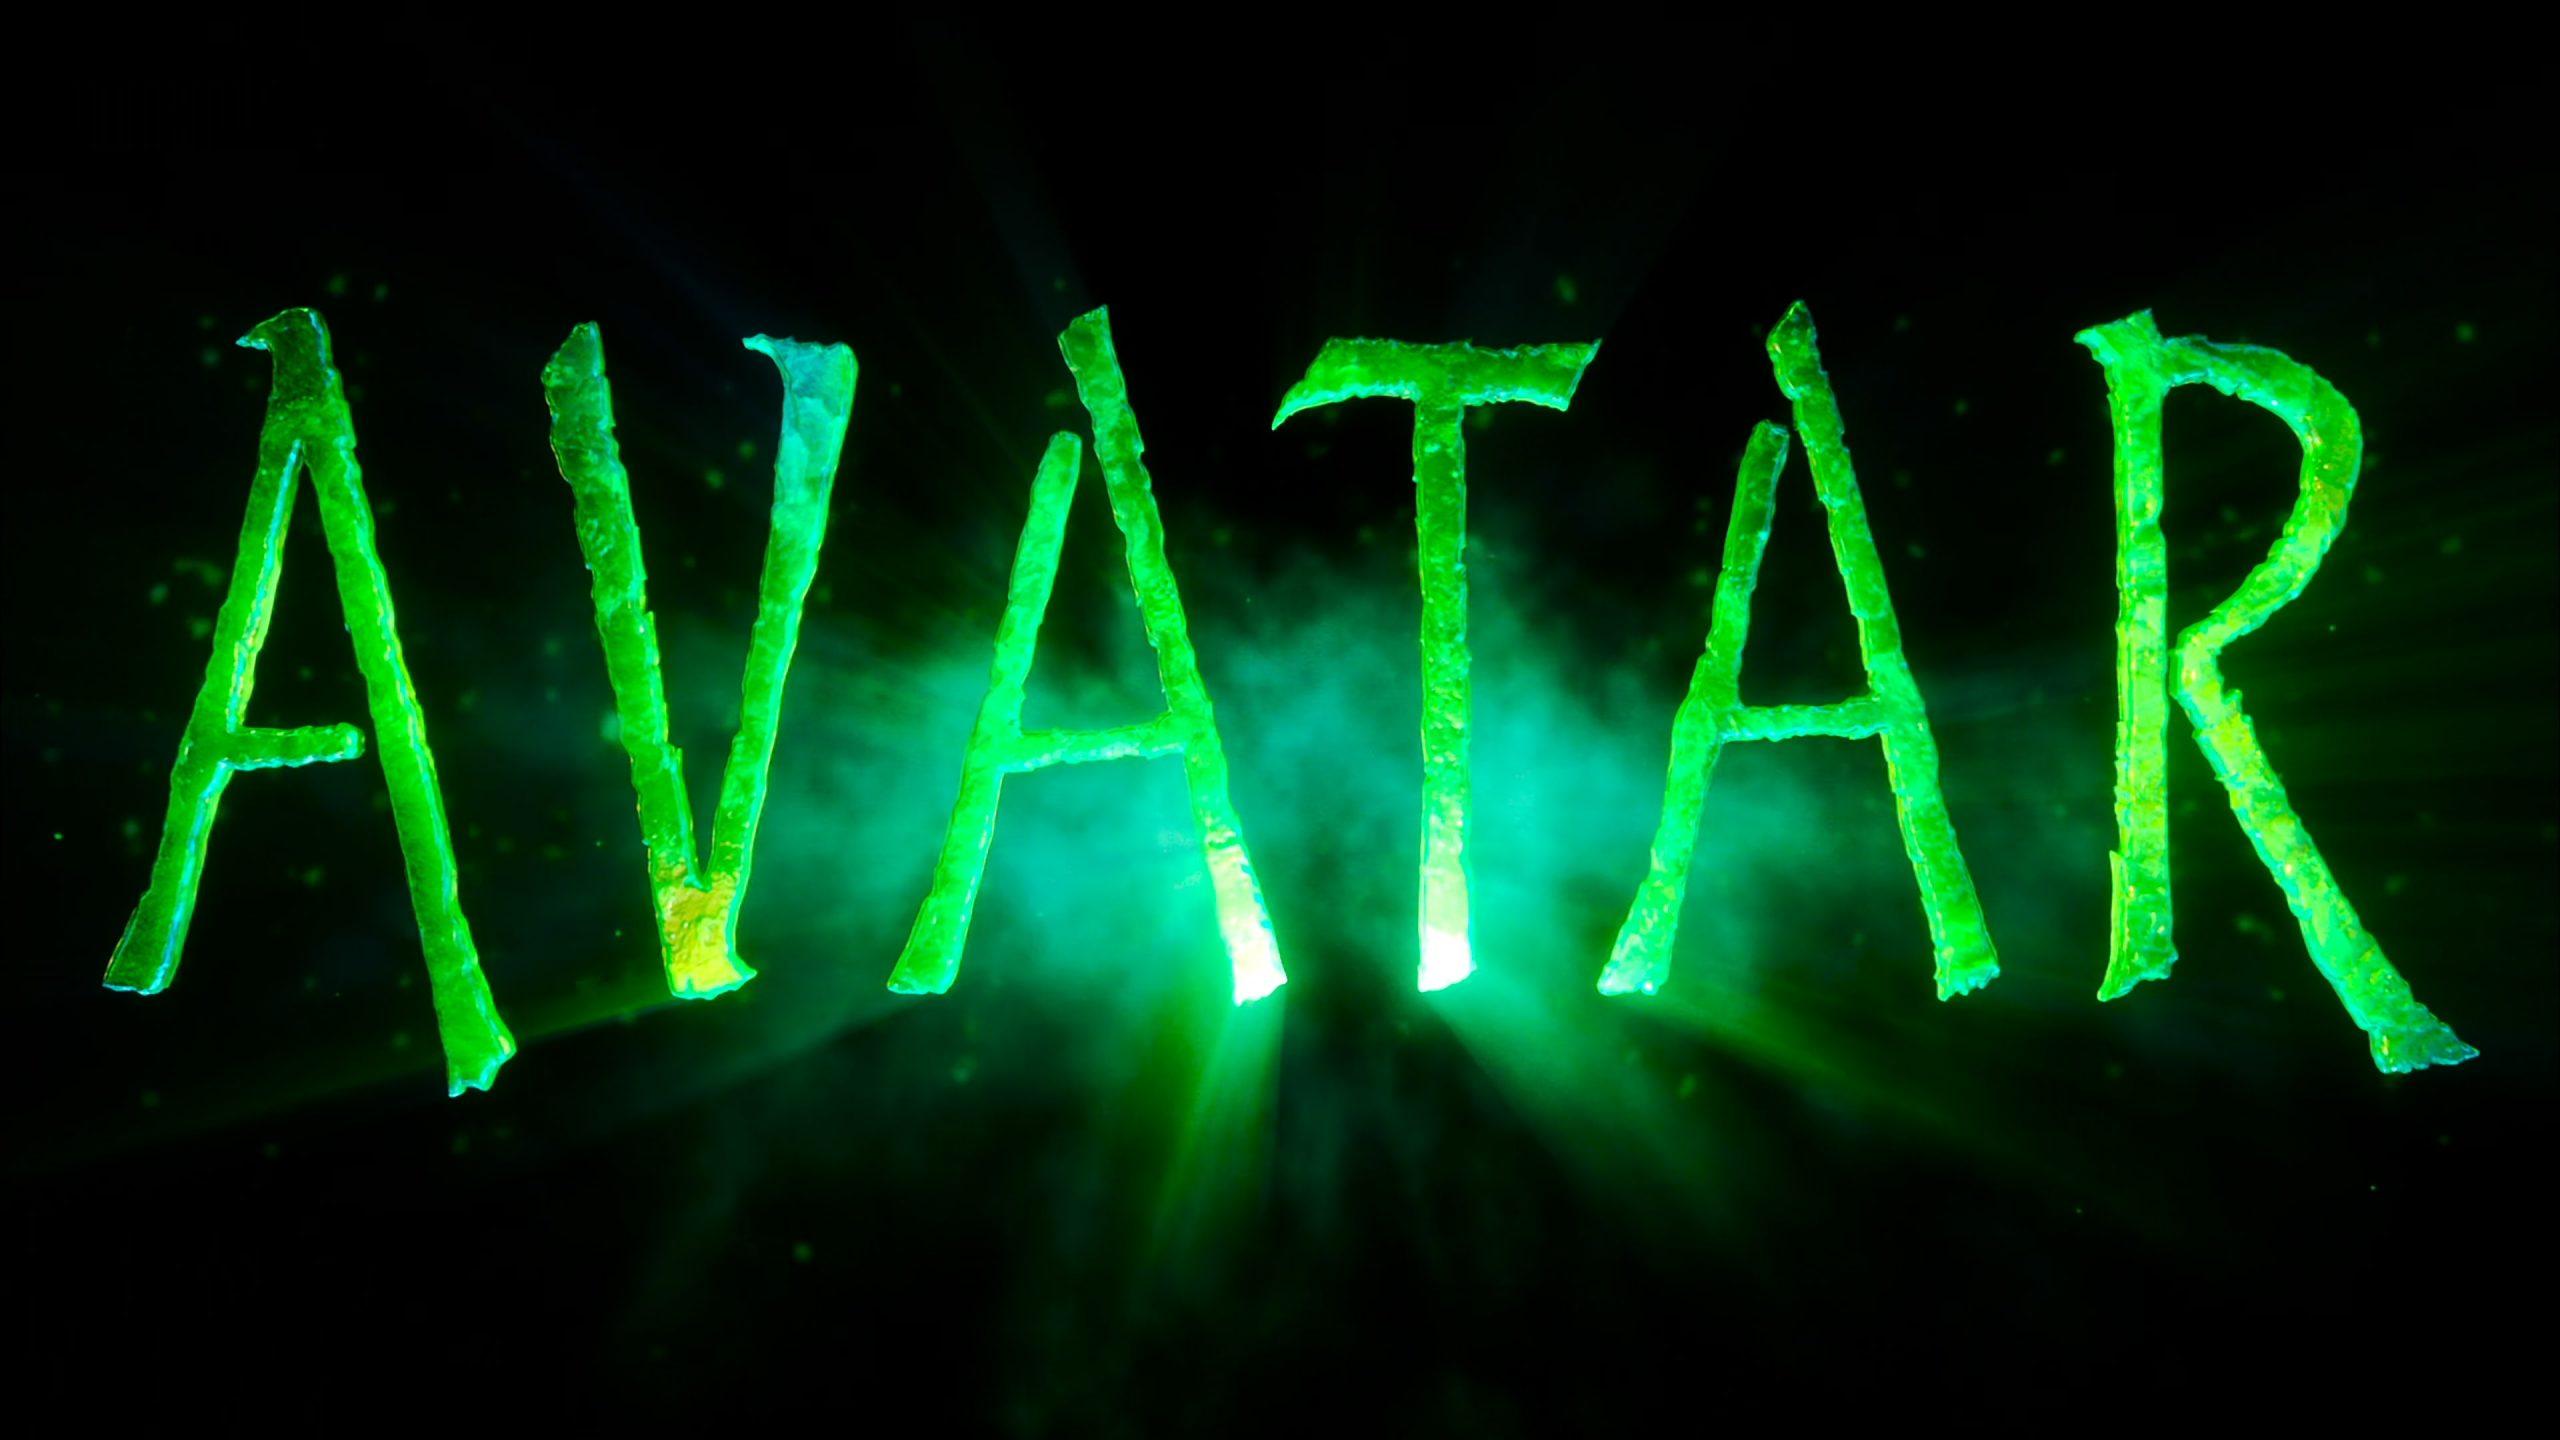 Avatar (2009) [4K]